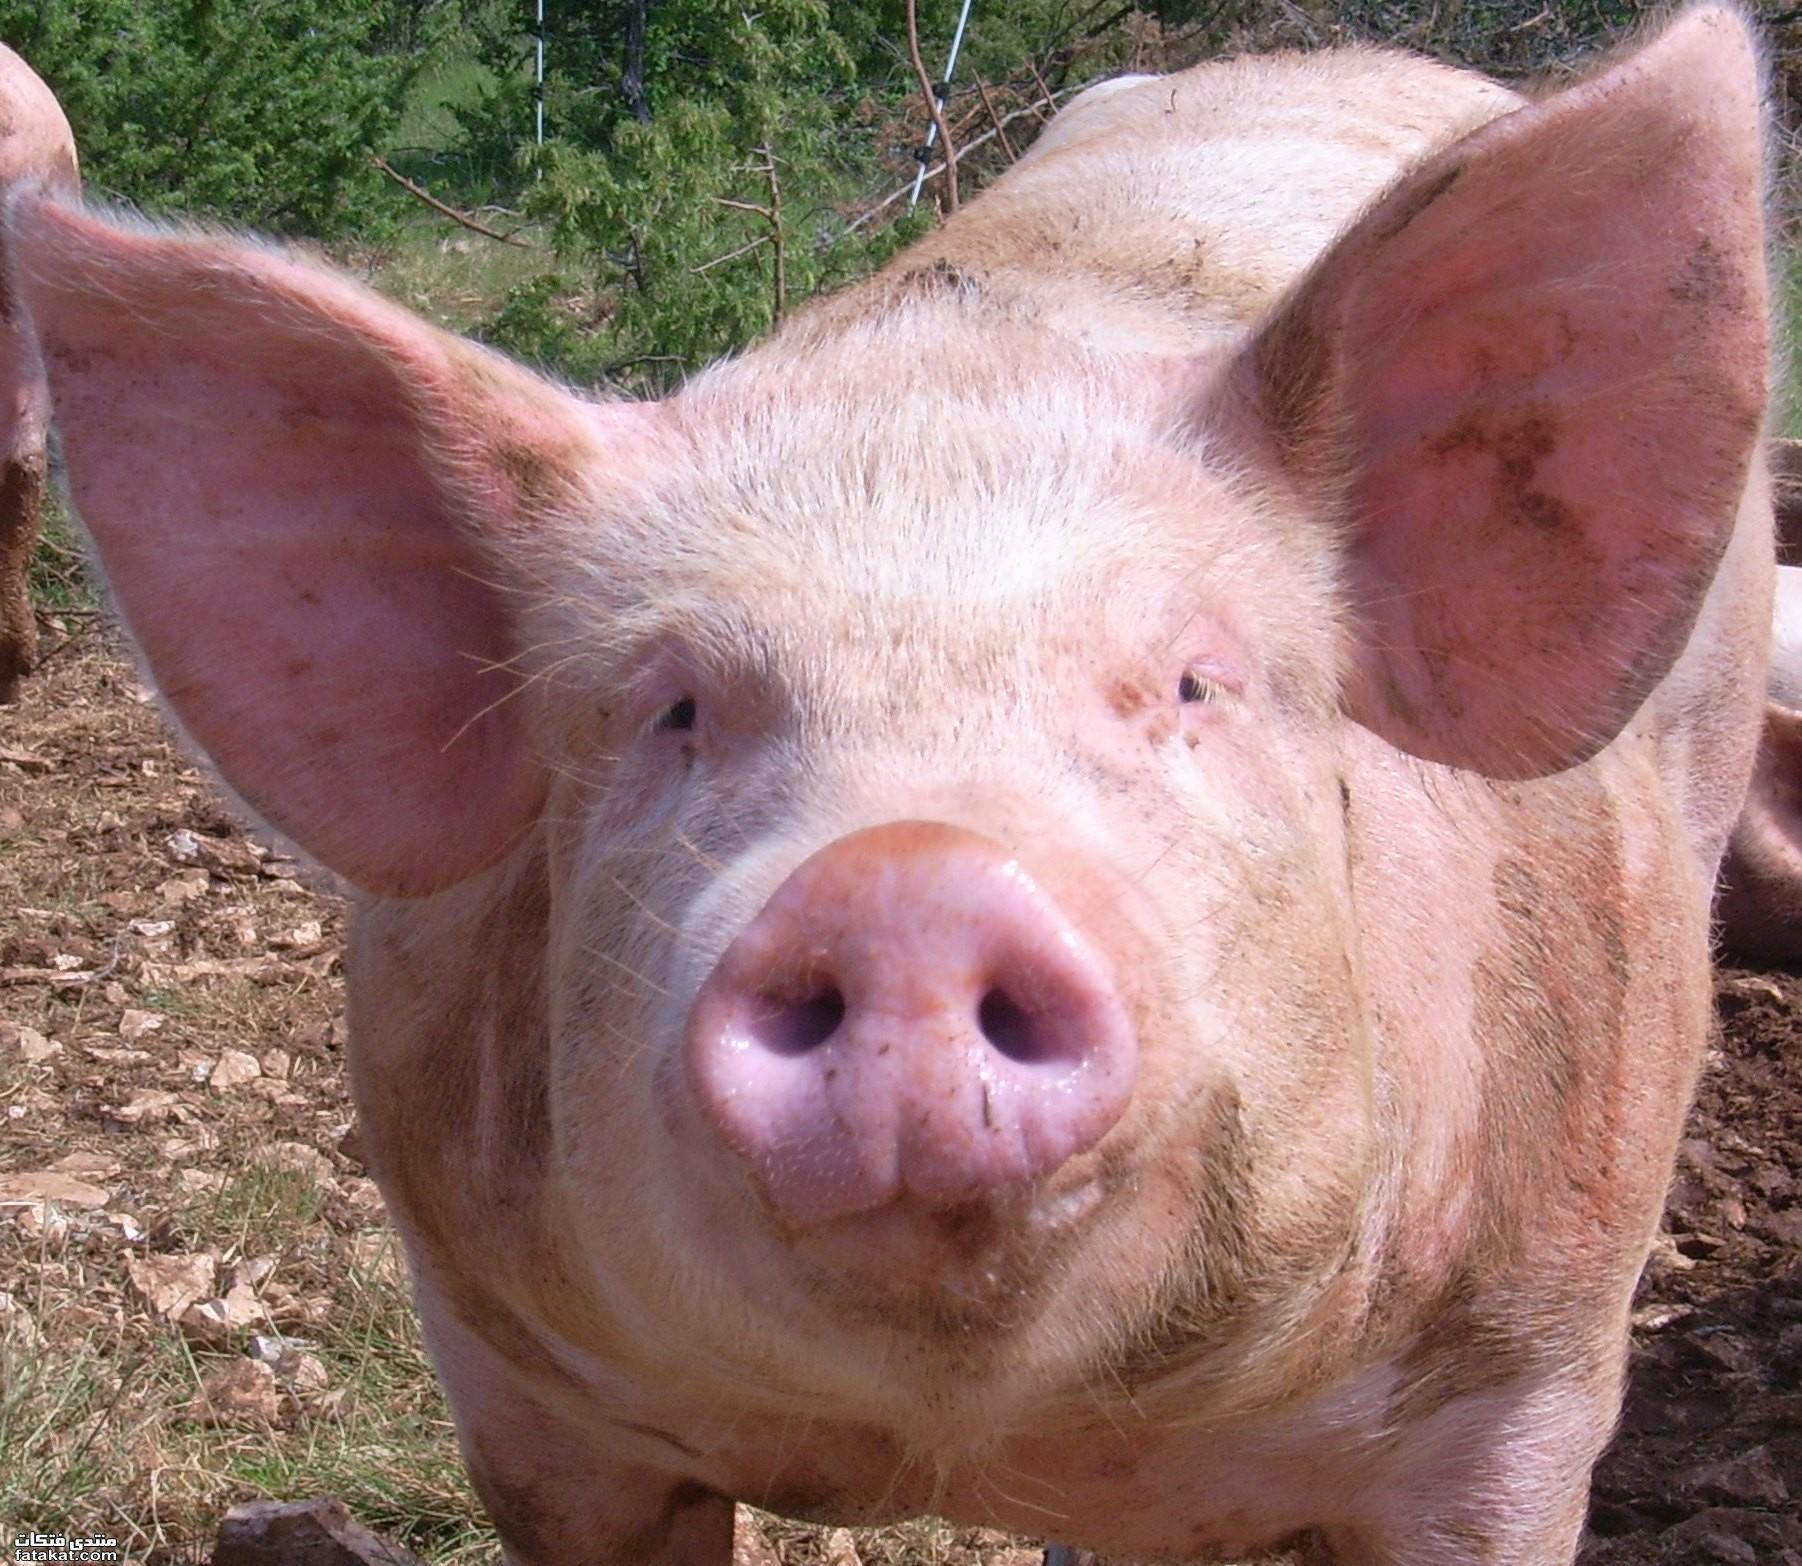 - Tete de cochon a colorier ...